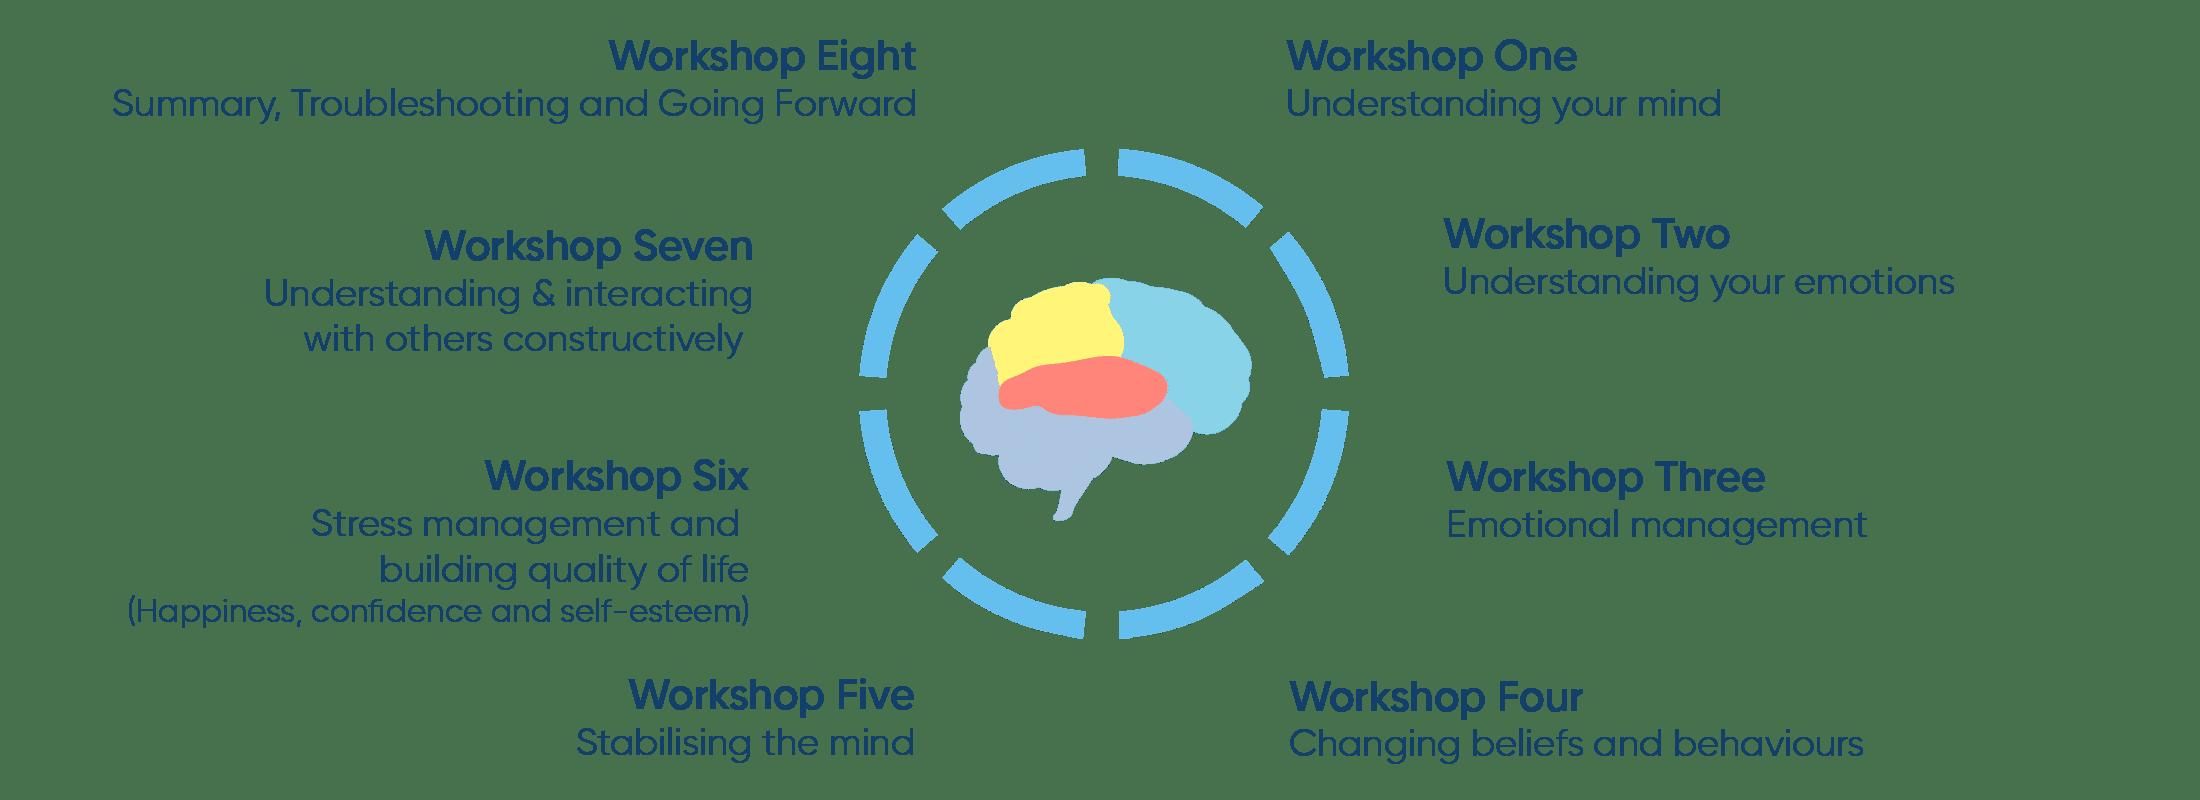 Mind Management Skills for Life Workshops 1 1